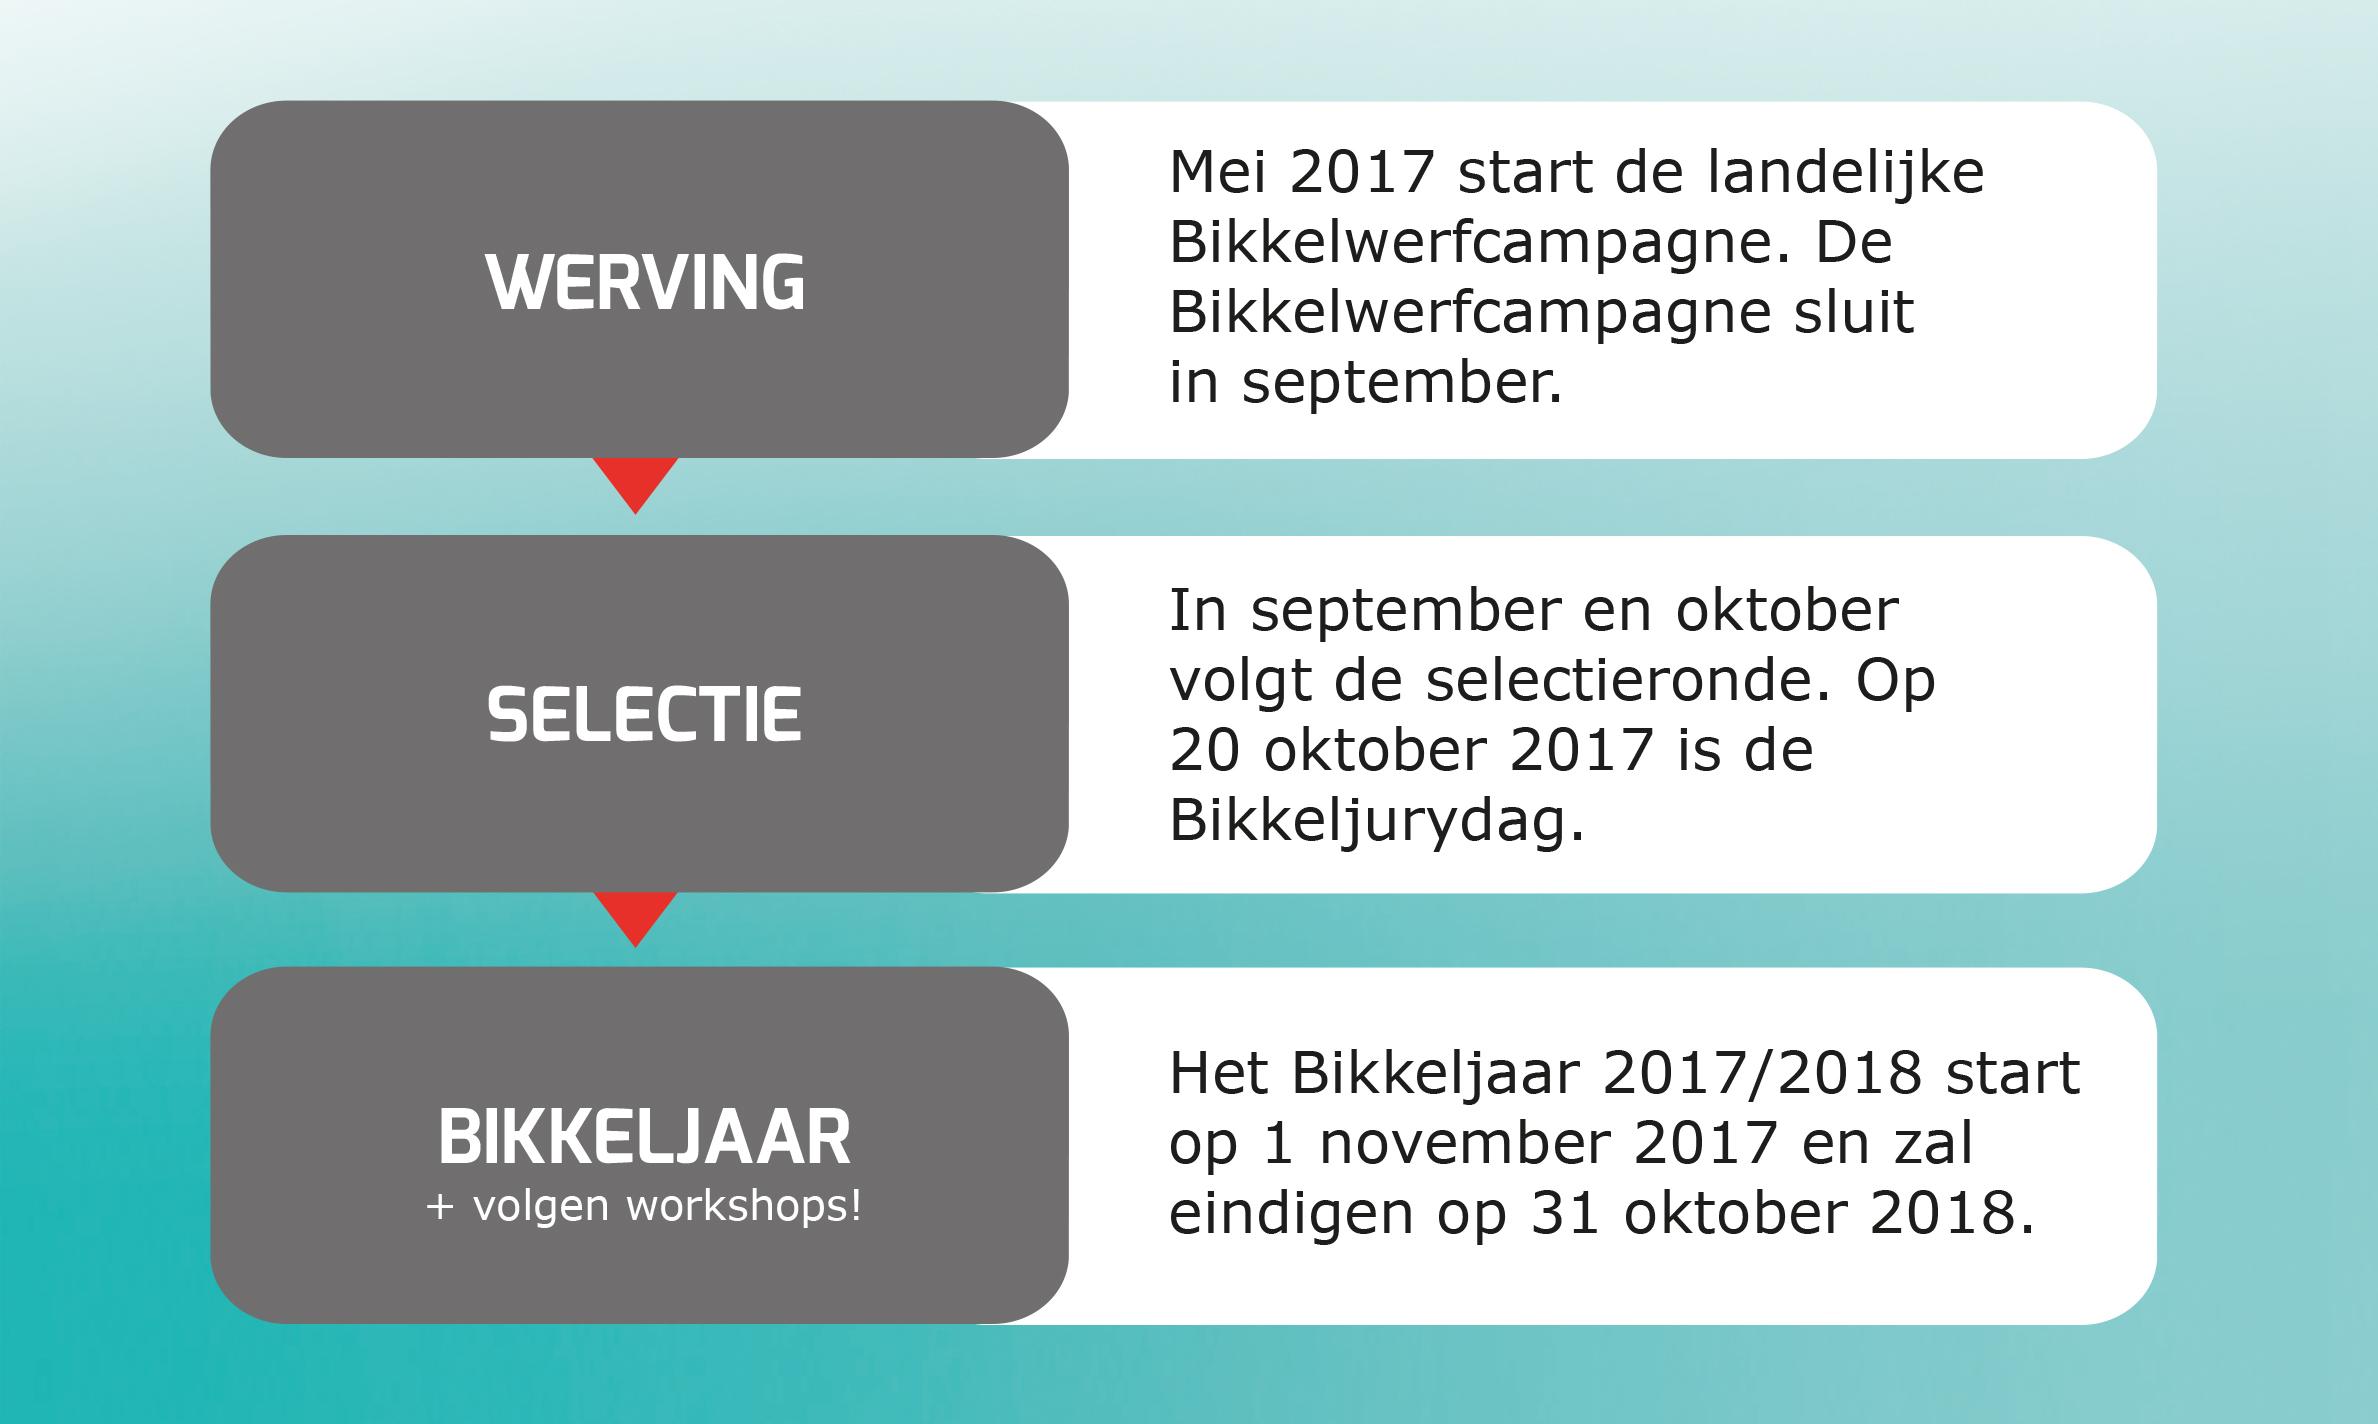 Overzicht Bikkeljaar 2017 2018